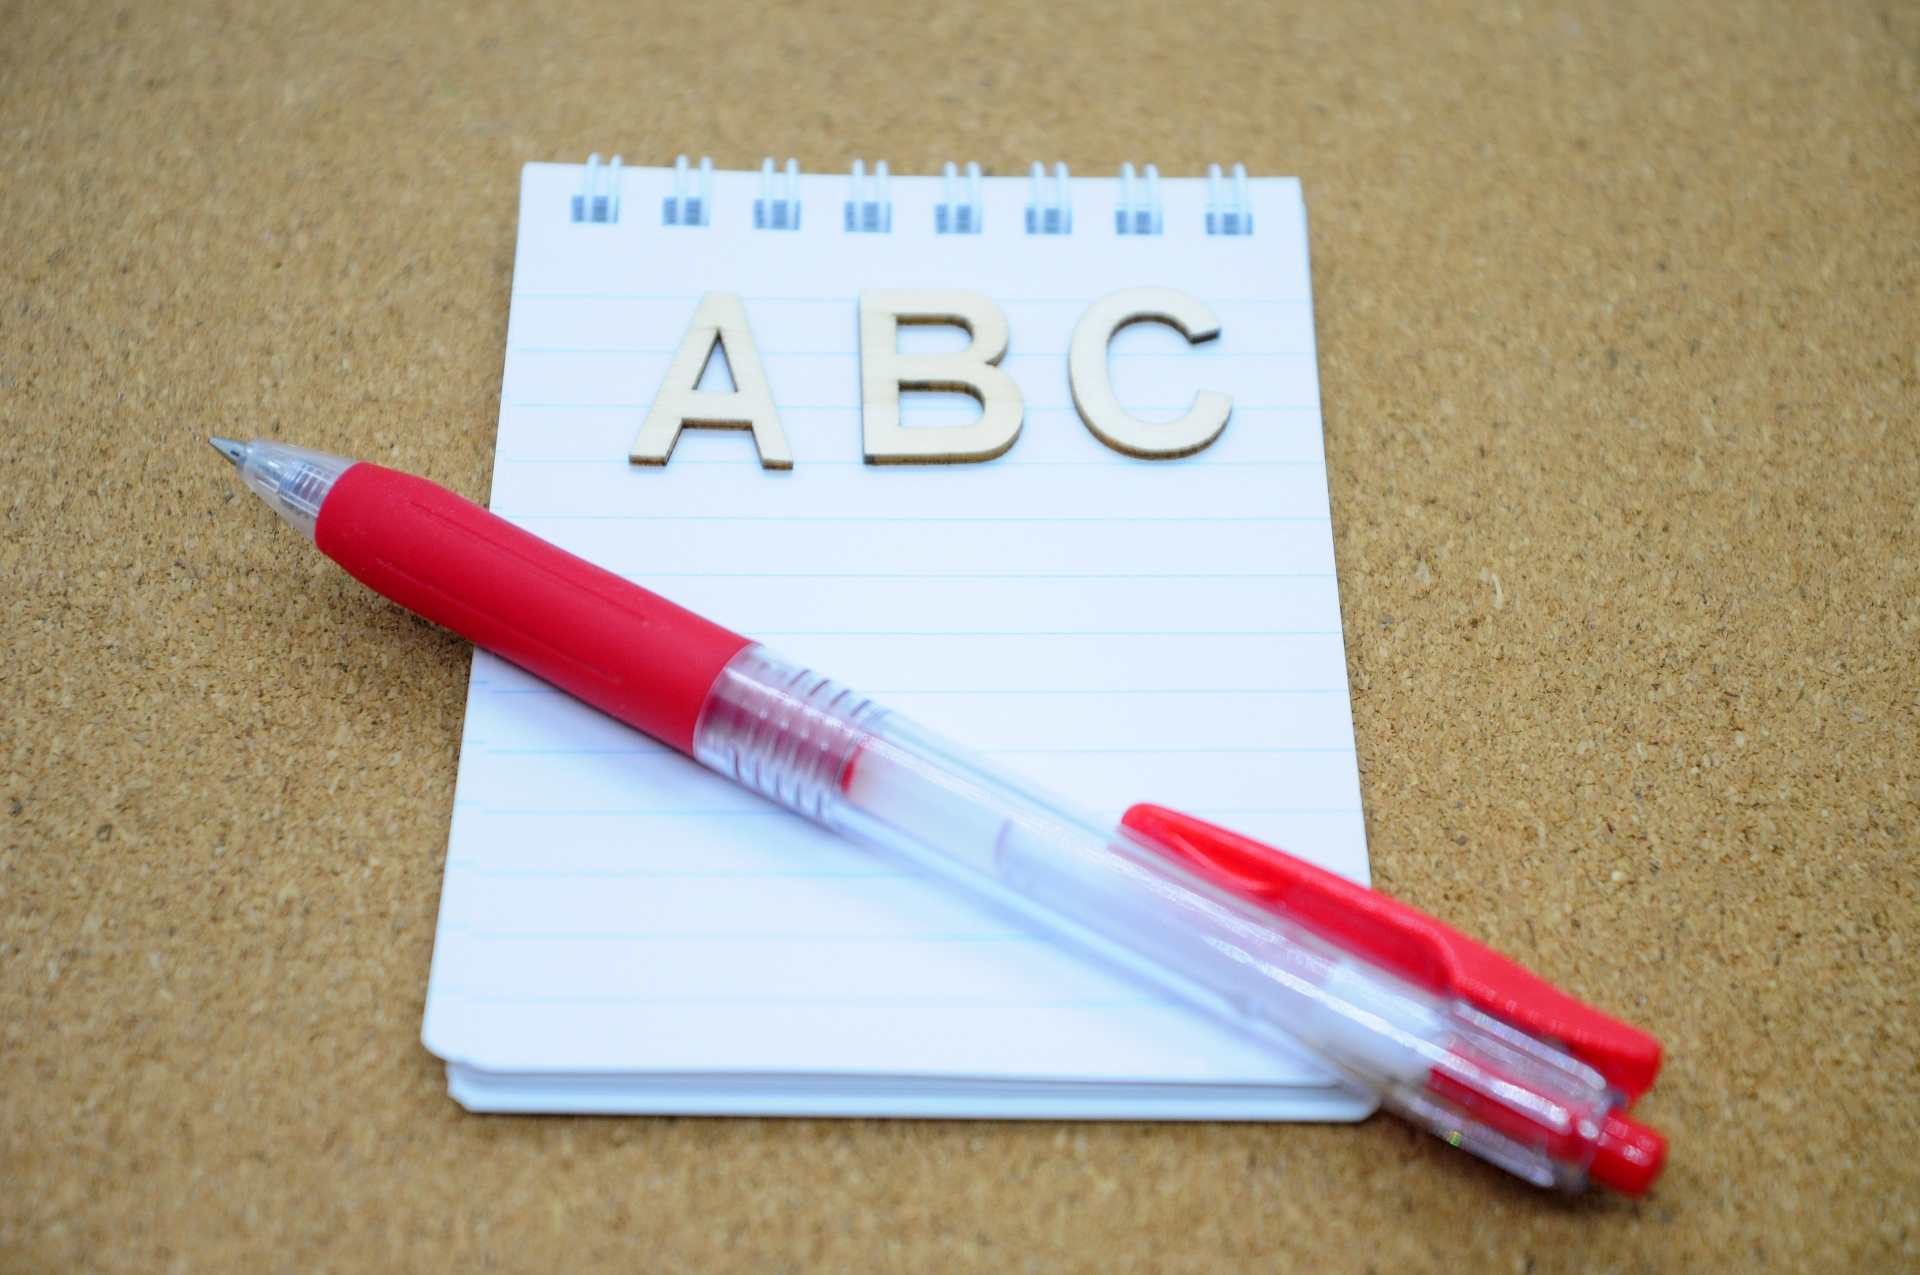 ABCと書かれたメモと赤いペン